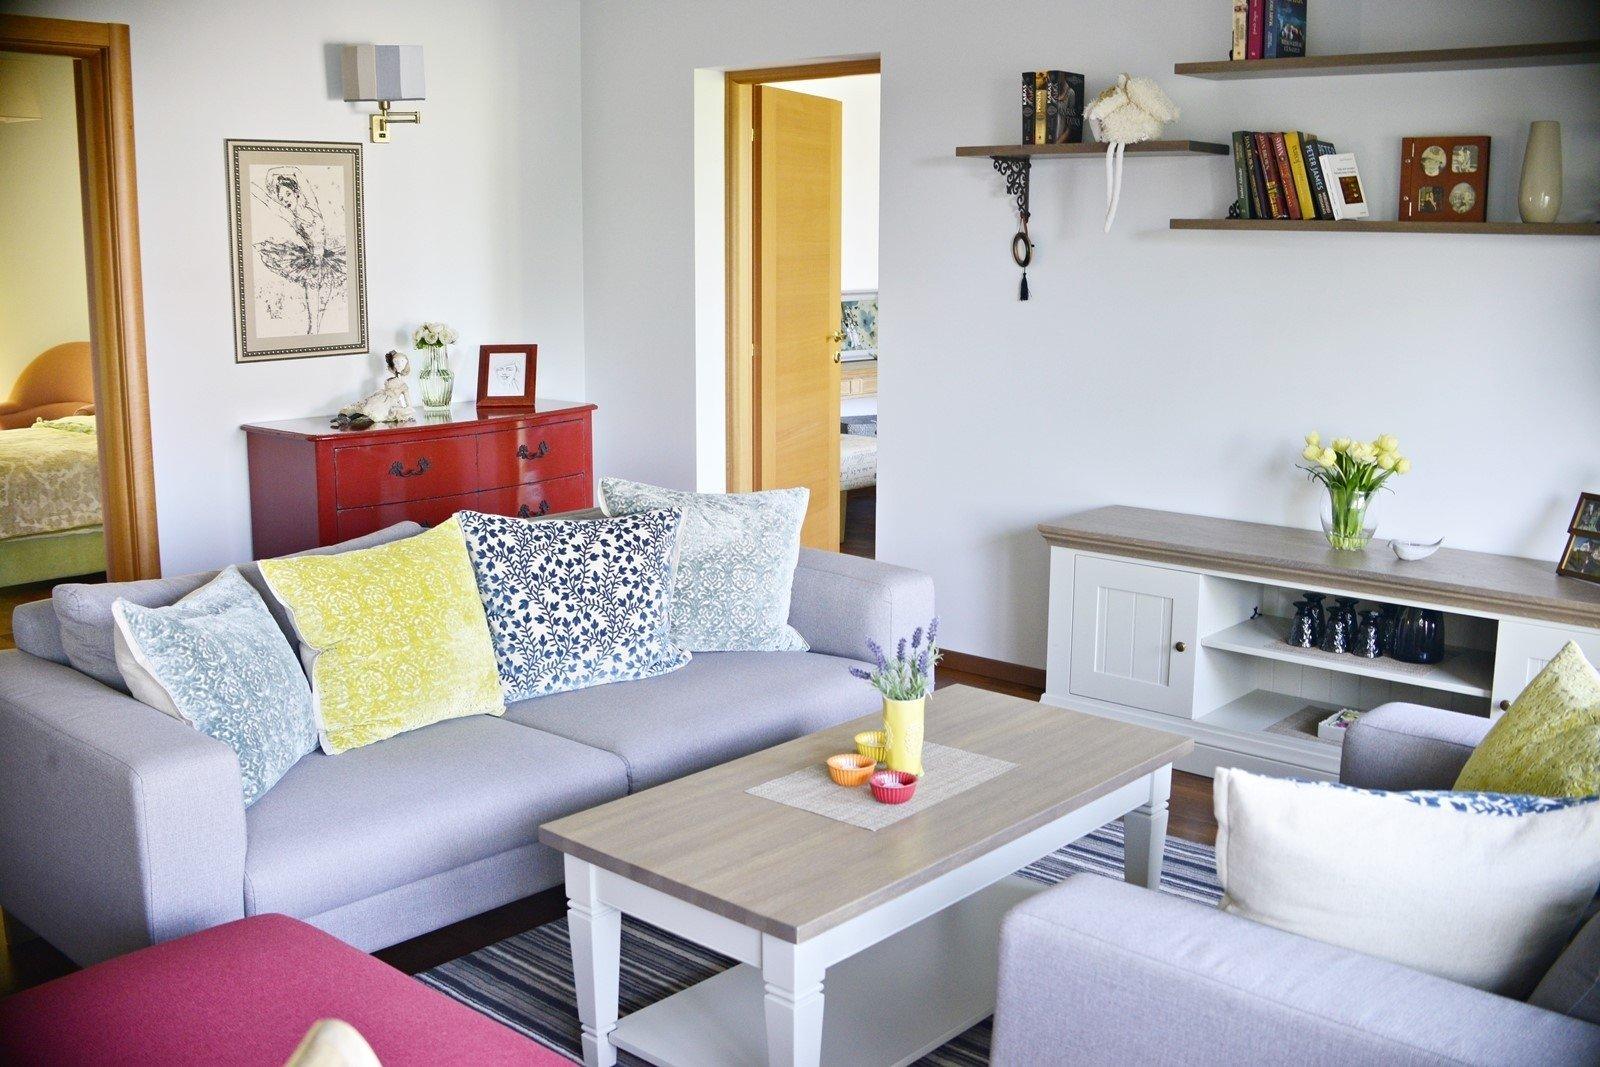 Madingi interjerai: specialistai atskleidė, į kokius baldus neverta investuoti